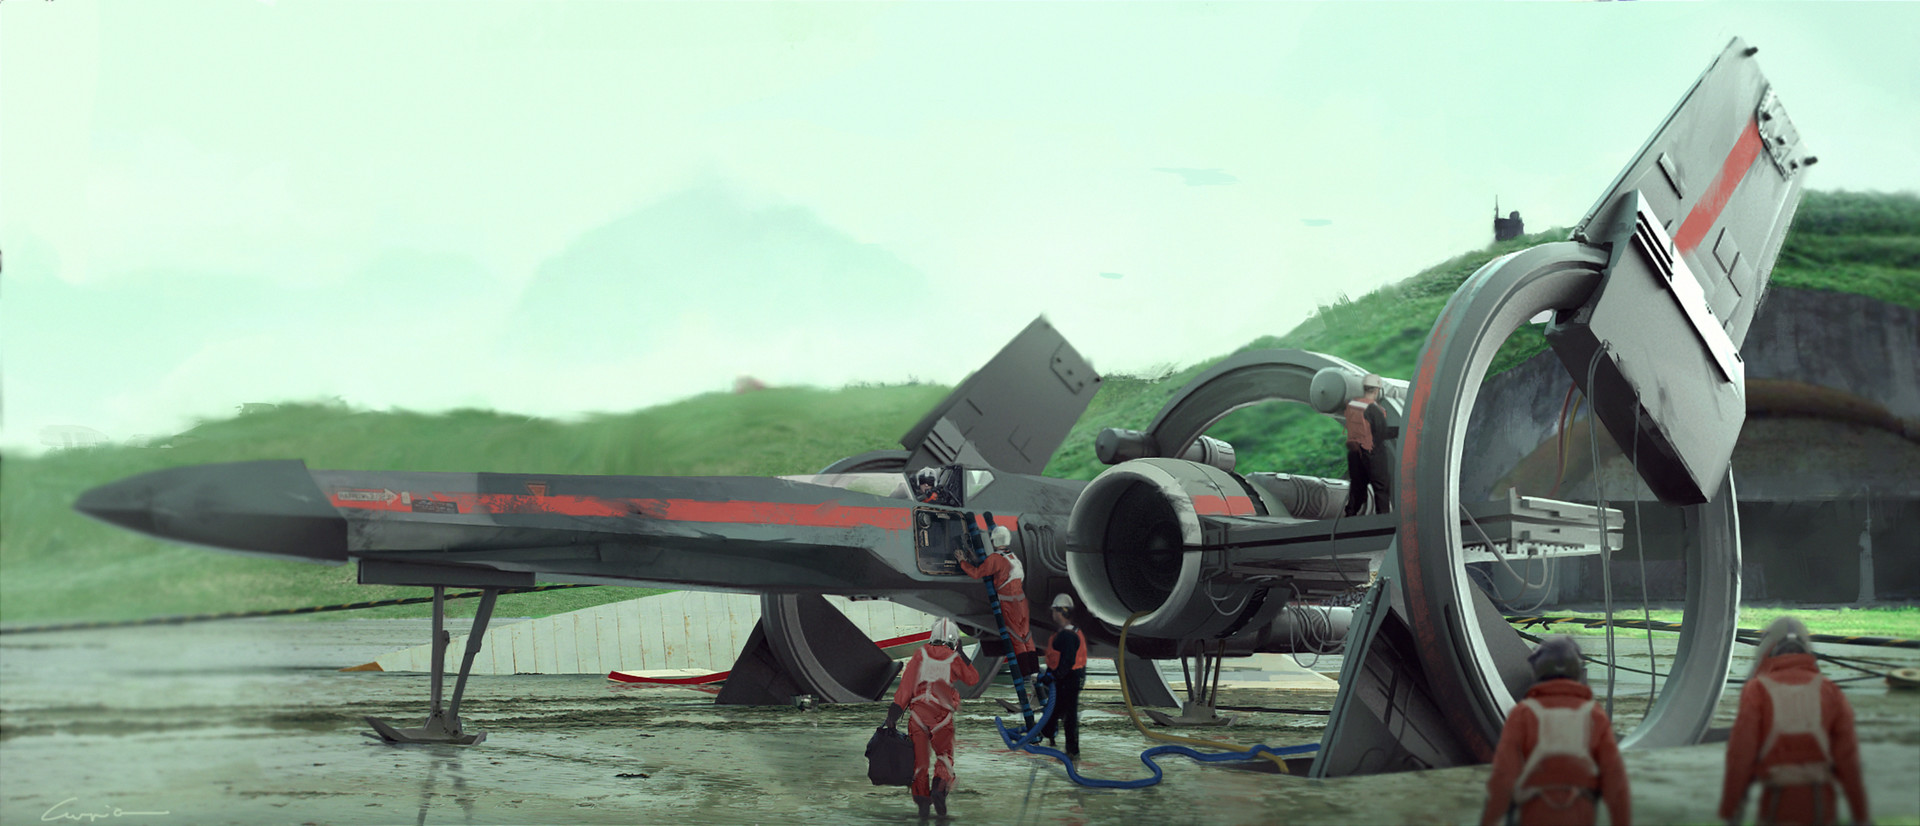 L'univers futuriste de Pablo Carpio